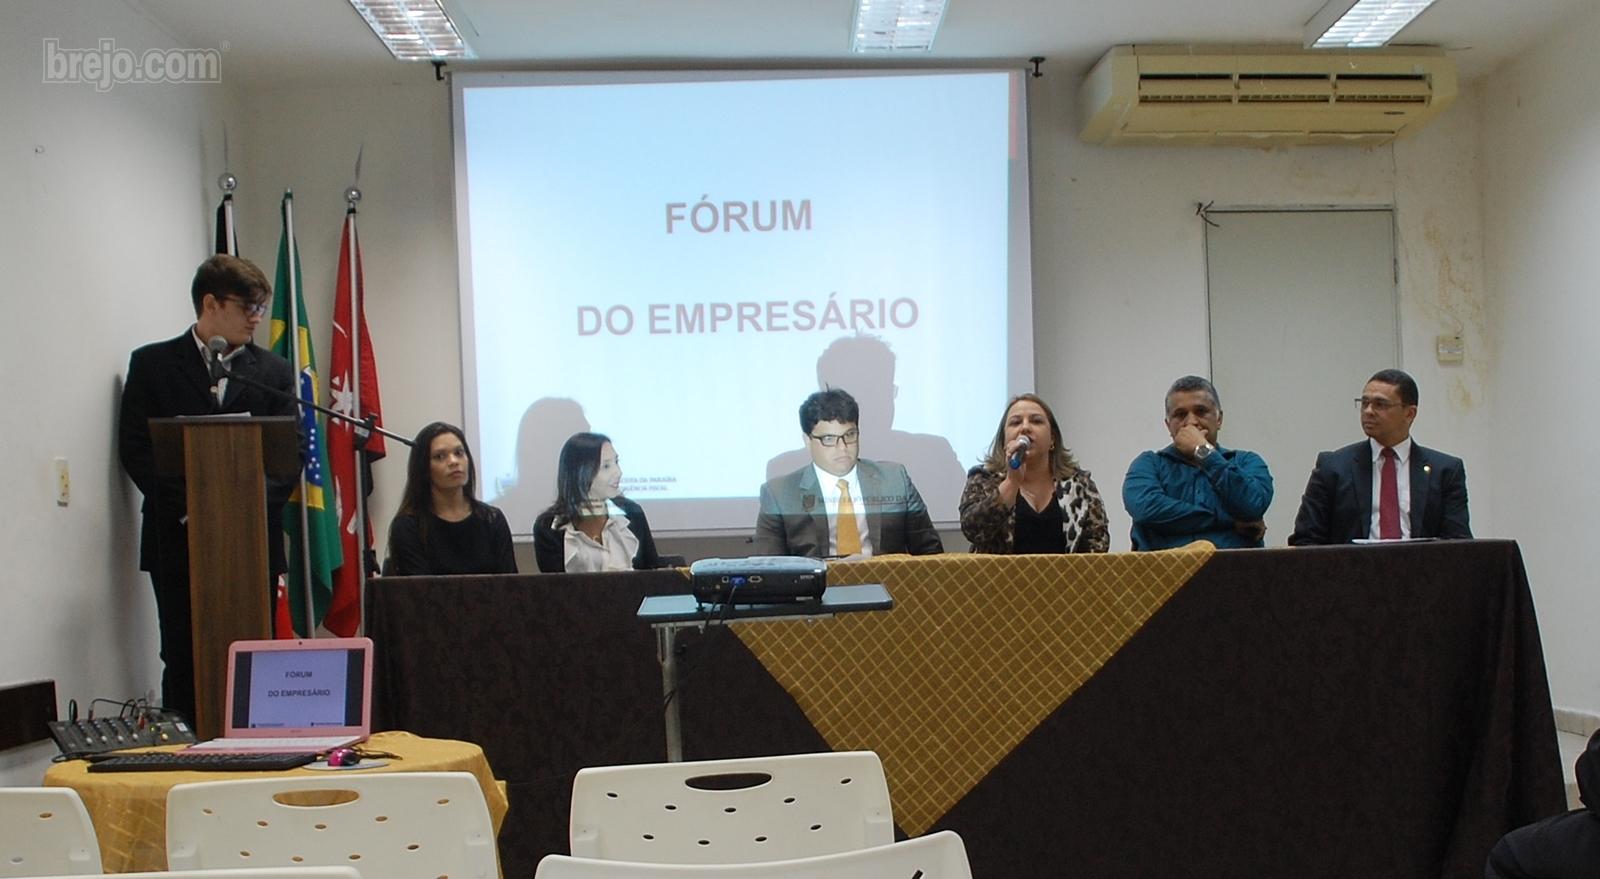 forum_do_empresario_por_aconte_em_19-09-2016_ok2